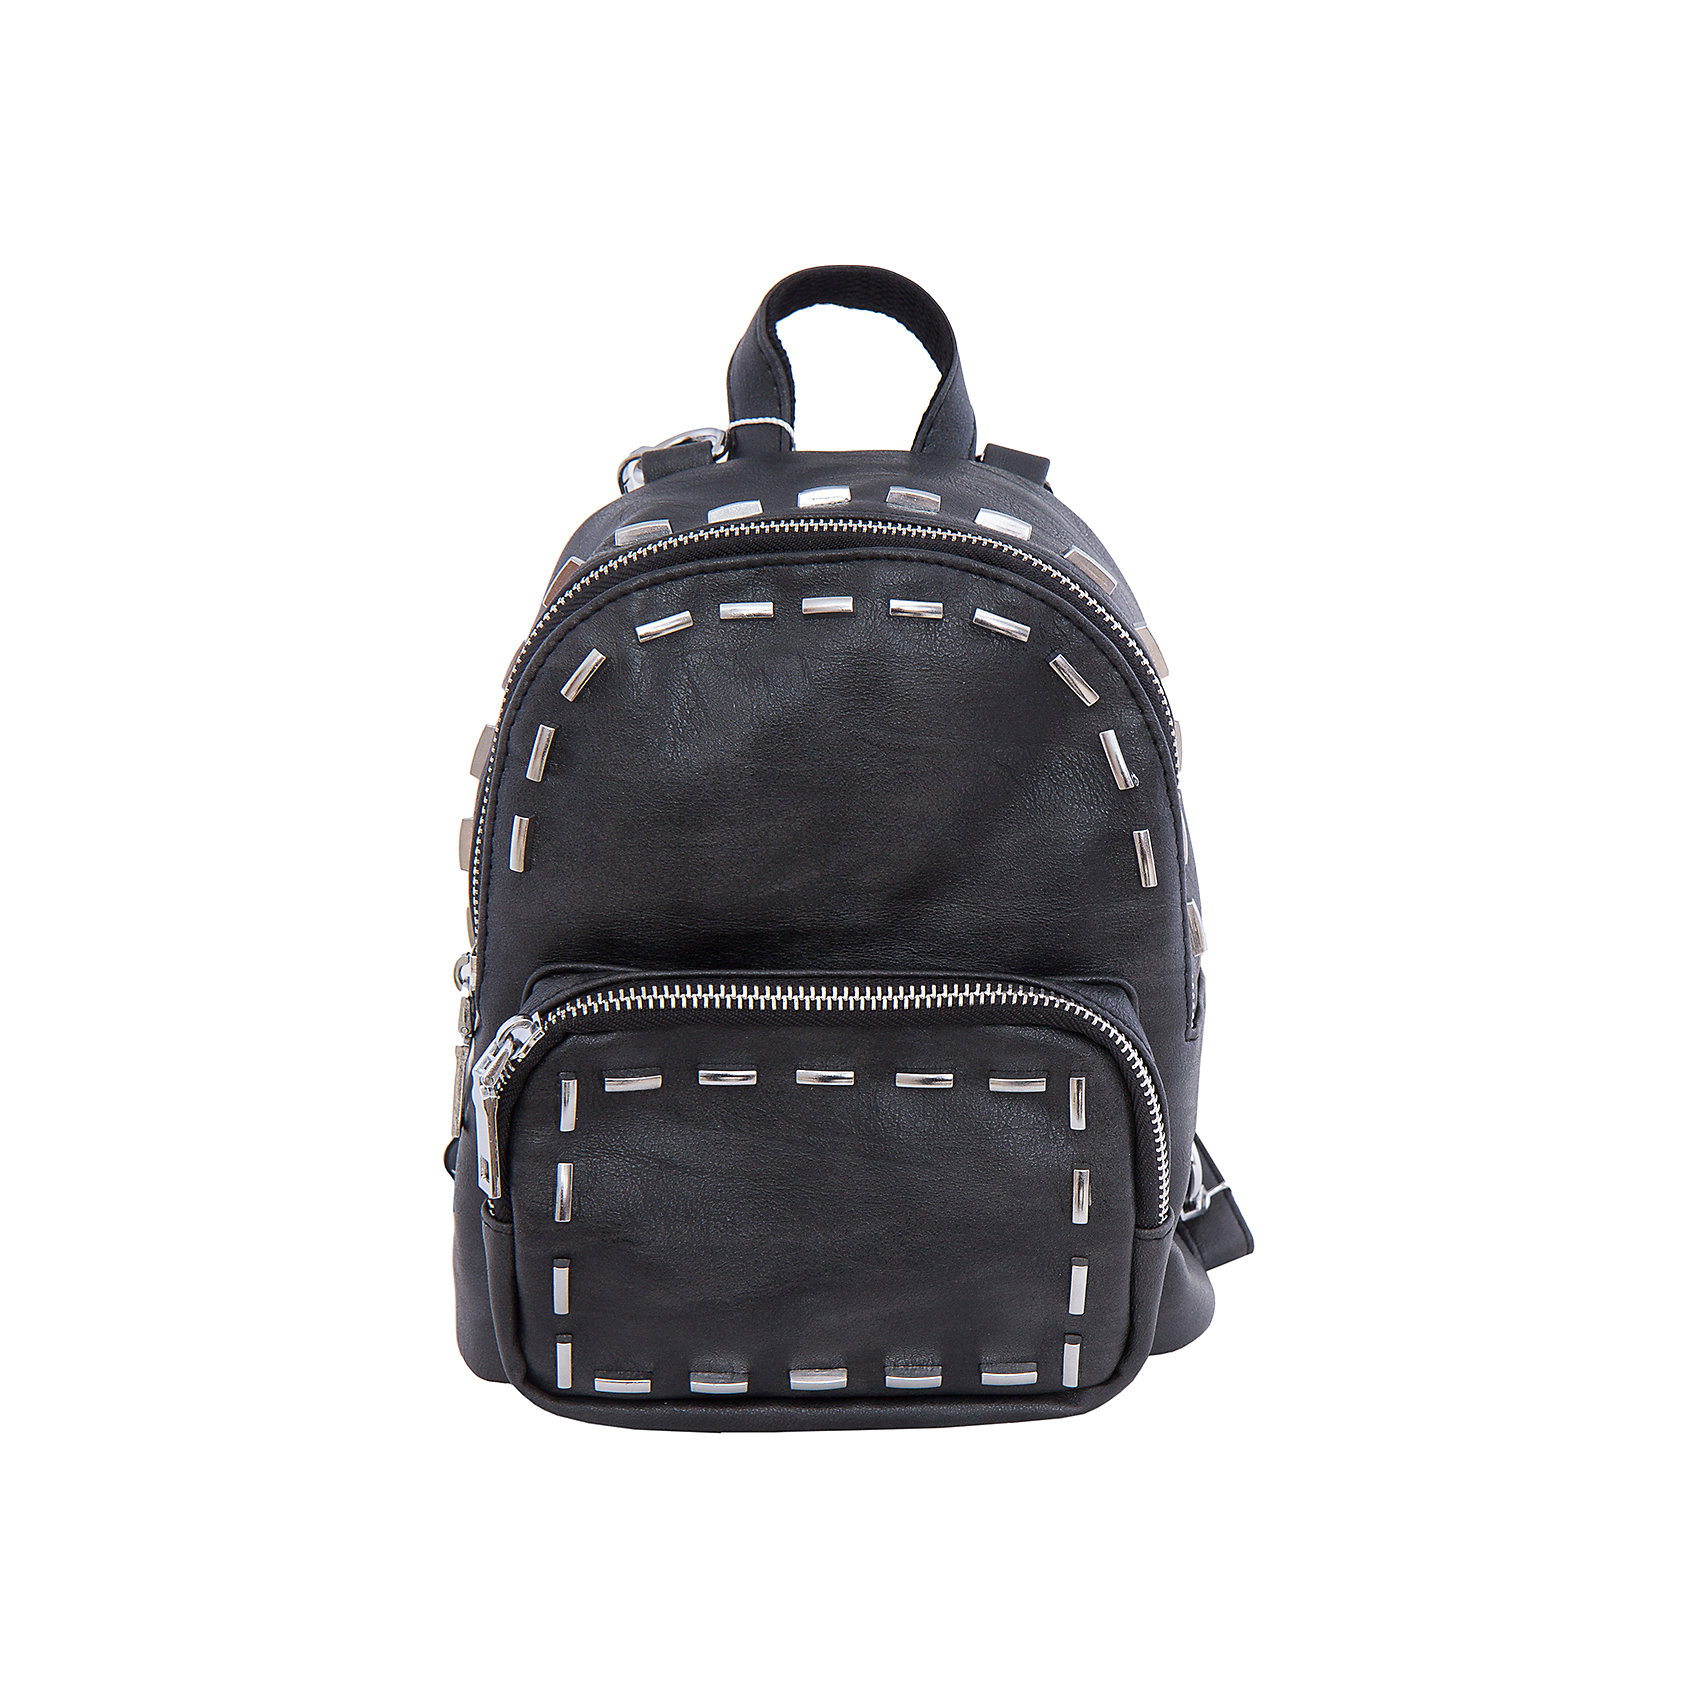 Рюкзак VITACCIАксессуары<br>Характеристики:<br><br>• Тип сумки: рюкзак<br>• Пол: для девочки<br>• Цвет: черный<br>• Сезон: круглый год<br>• Тематика рисунка: без рисунка<br>• Тип застежки: молния<br>• Декоративные элементы: металлические клепки<br>• Отстегивающиеся лямки регулируются по длине<br>• Одно отделение с дополнительными кармашками<br>• Предусмотрена ручка-петля<br>• Спереди имеется объемный карман на молнии<br>• Материал: верх – искусственная кожа, подклад – текстиль <br>• Габариты: ширина днища – 10 см, высота – 23 см, глубина – 10 см<br>• Вес: 900 г<br>• Особенности ухода: влажная чистка, сухая чистка<br><br>Рюкзак VITACCI от лидера российско-итальянского предприятия, которое специализируется на выпуске высококачественной обуви и аксессуаров как для взрослых, так и для детей. Детские сумки этого торгового бренда изготавливаются с учетом анатомических особенностей детей и имеют эргономичную форму. Форма и дизайн сумок разрабатывается итальянскими ведущими дизайнерами и отражает новейшие тенденции в мире моды. Особенность этого торгового бренда заключается в эксклюзивном сочетании материалов разных фактур и декорирование изделий стильными аксессуарами. <br><br>Рюкзак VITACCI изготовлен из экологически безопасной искусственной кожи с эффектом замши. Имеет одно просторное отделение с маленькими кармашками: один с замочком на молнии, второй – для сотового телефона или смартфона. Спереди у рюкзака предусмотрен внешний карман-отделение на застежке молнии и боковые карманы. Съемные лямки регулируются по длине. Рюкзак выполнен в стильном черном цвете, декорирован металлическими клепками в форме цилиндров.<br>Рюкзак VITACCI – это стильный аксессуар, который создаст неповторимый образ вашего ребенка! <br><br>Рюкзак VITACCI можно купить в нашем интернет-магазине.<br><br>Ширина мм: 170<br>Глубина мм: 157<br>Высота мм: 67<br>Вес г: 117<br>Цвет: черный<br>Возраст от месяцев: 36<br>Возраст до месяцев: 144<br>Пол: Женский<br>Возраст: Детский<br>Размер: one size<br>SKU: 5